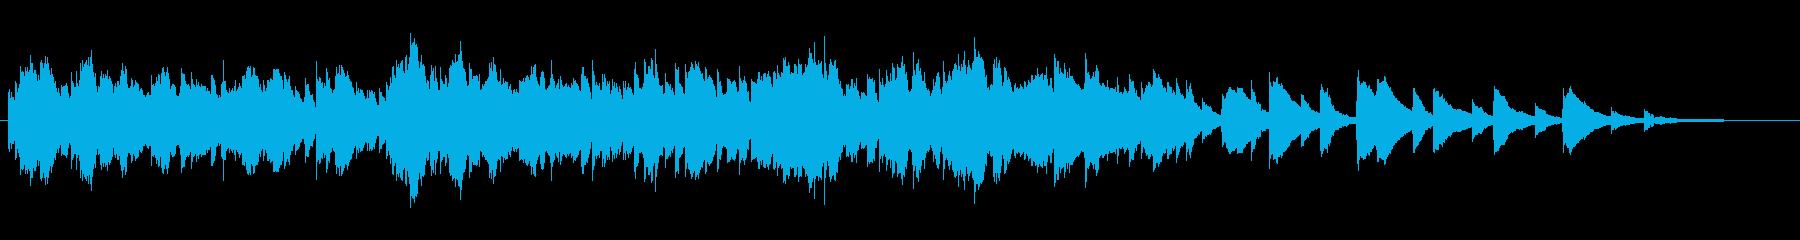 祈り・バロック音楽ピアノソロの再生済みの波形